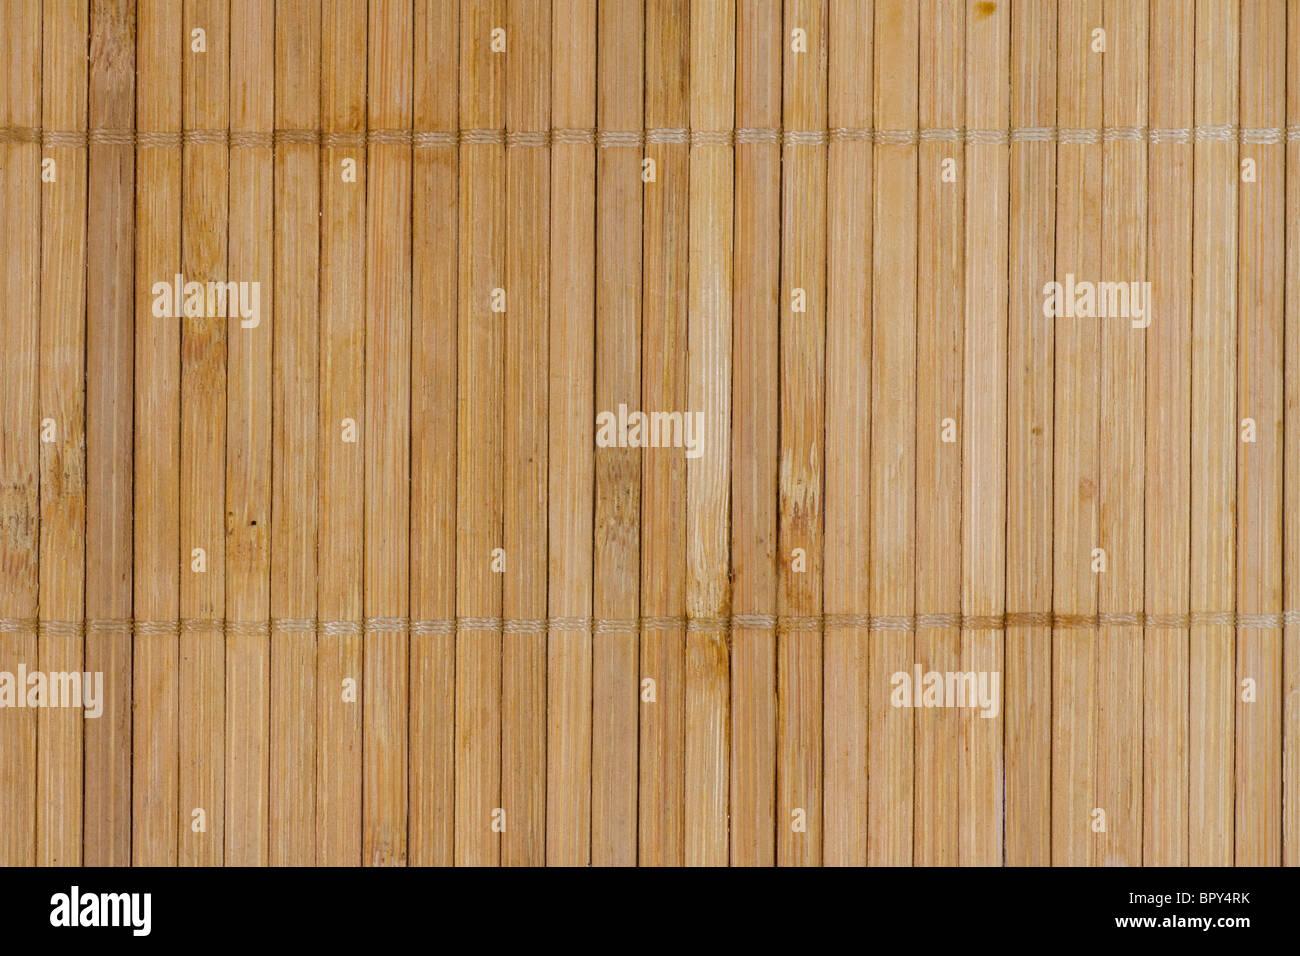 Bambus-Hintergrund-Board. horizontalen Muster. schöne Textur. Stockbild